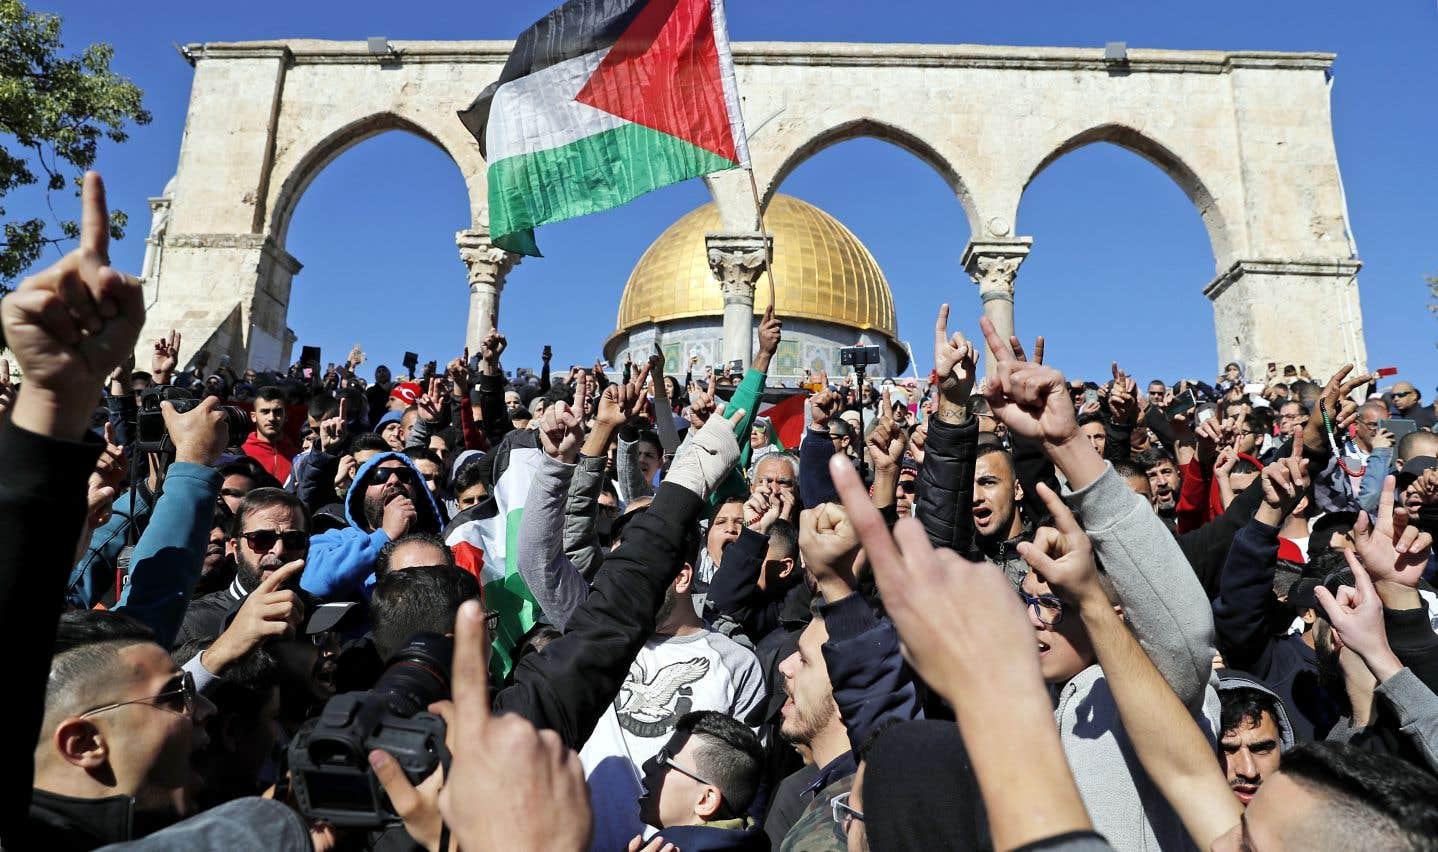 Pourquoi Jérusalem cristallise-t-elle les tensions?